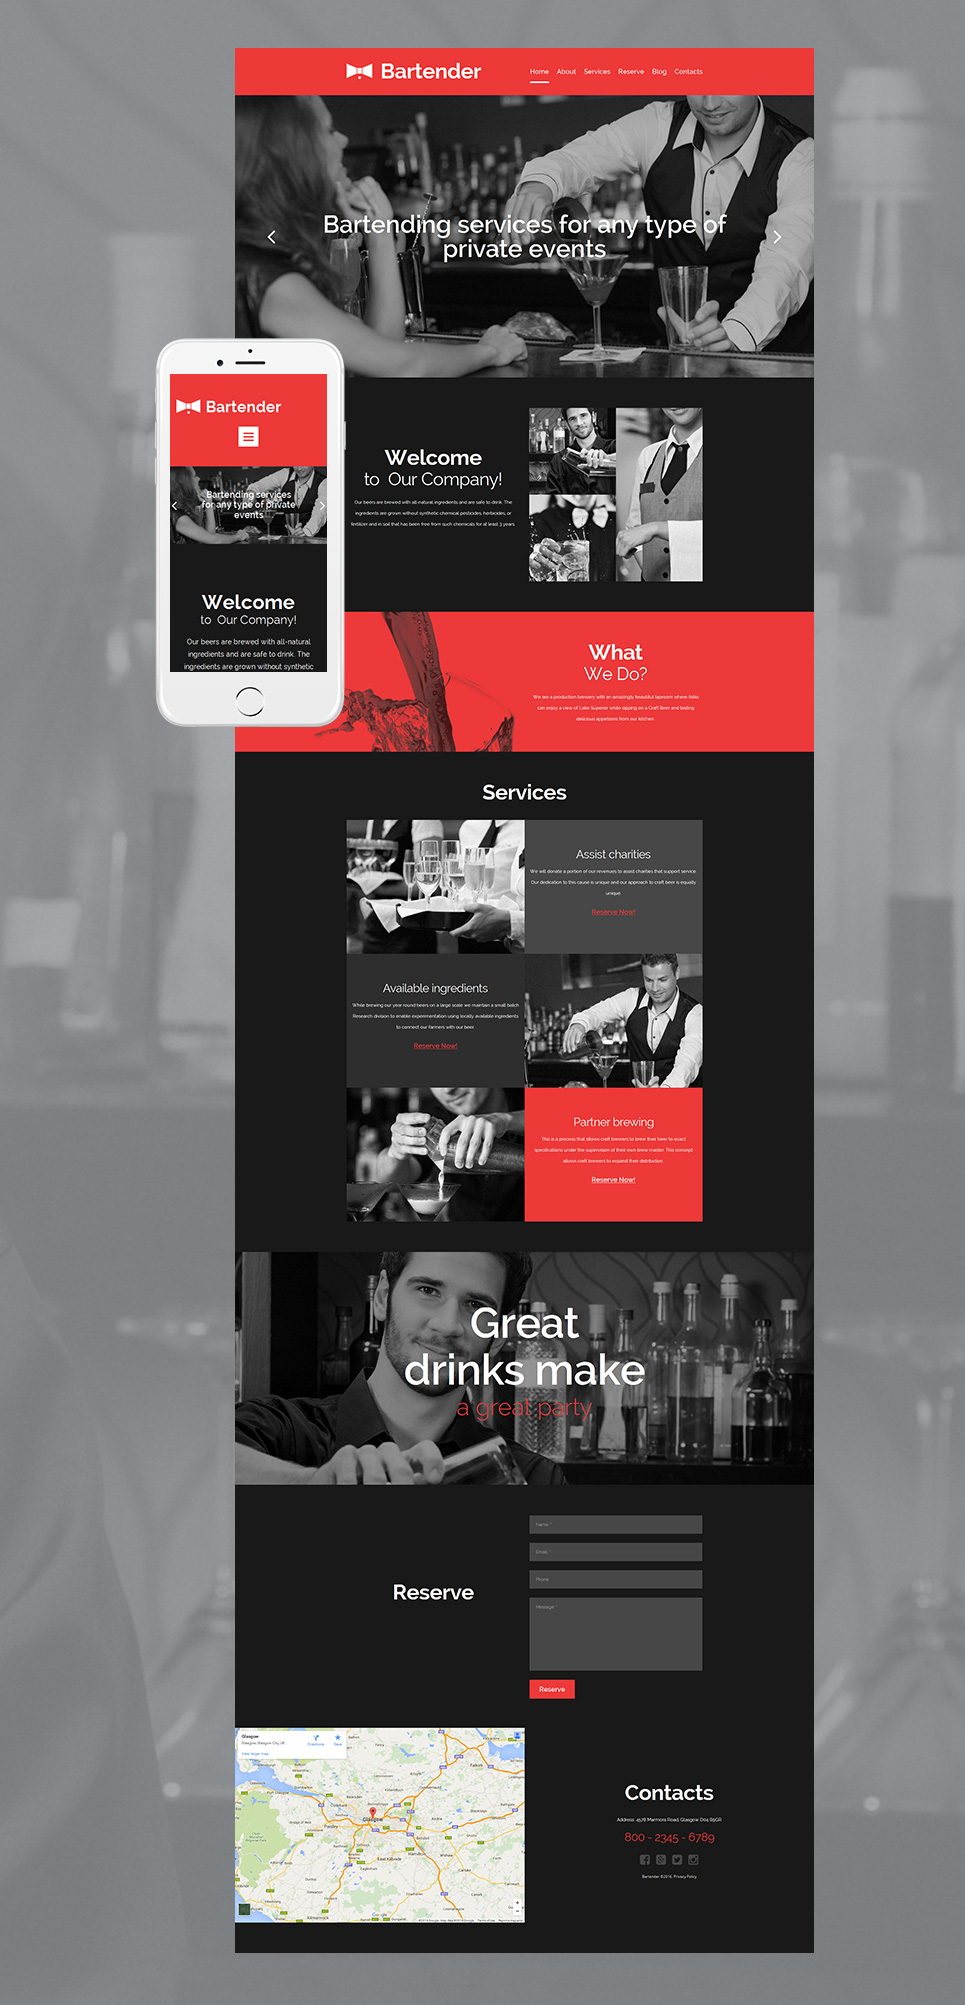 MotoCMS 3 Шаблон #58622 из категории Кафе и рестораны - image